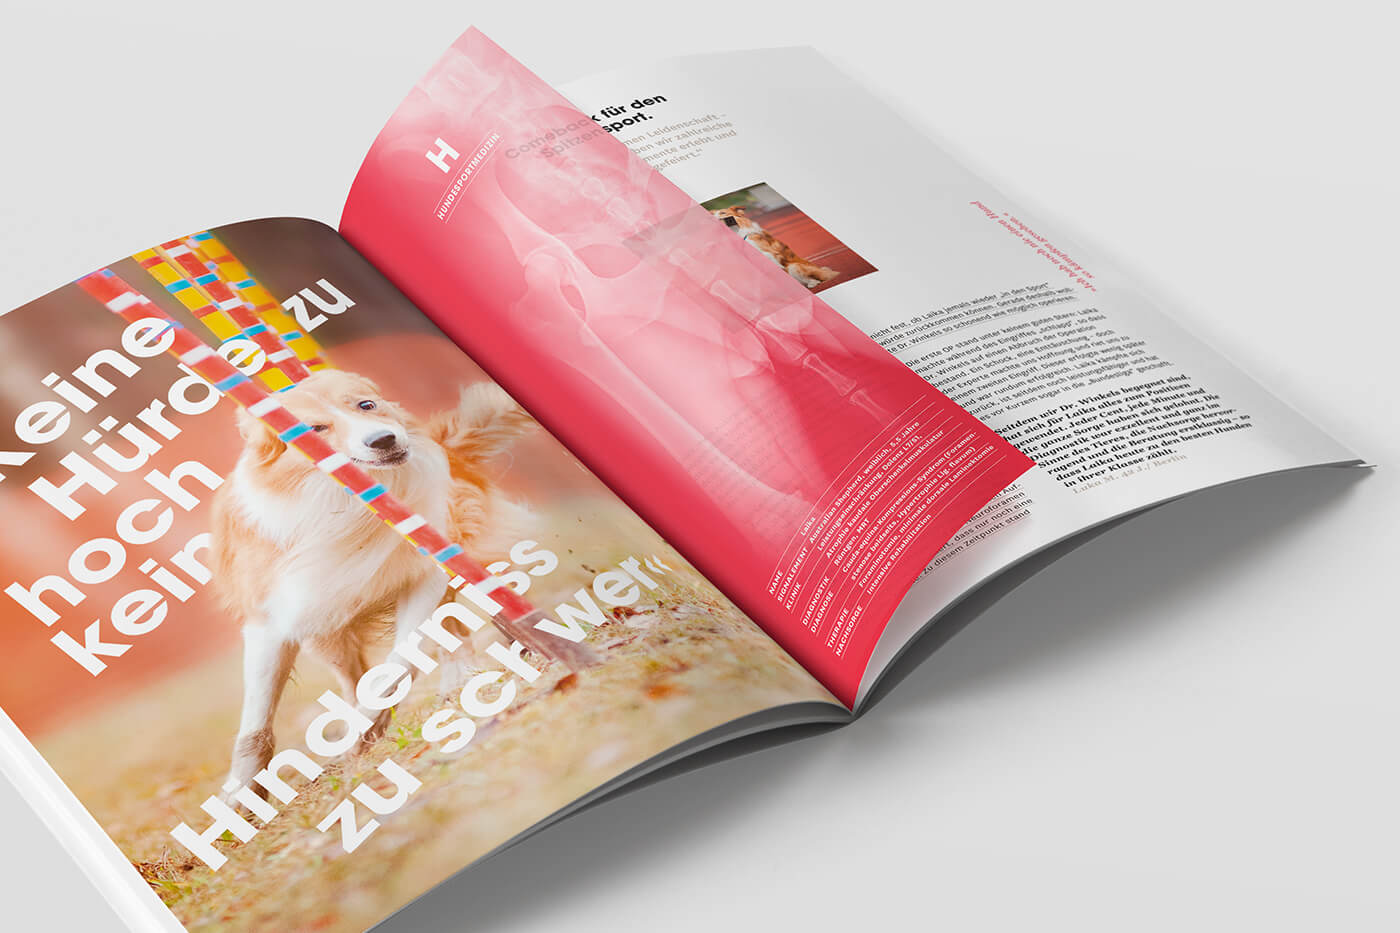 tierklinik marketing werbeagentur münster broschüre